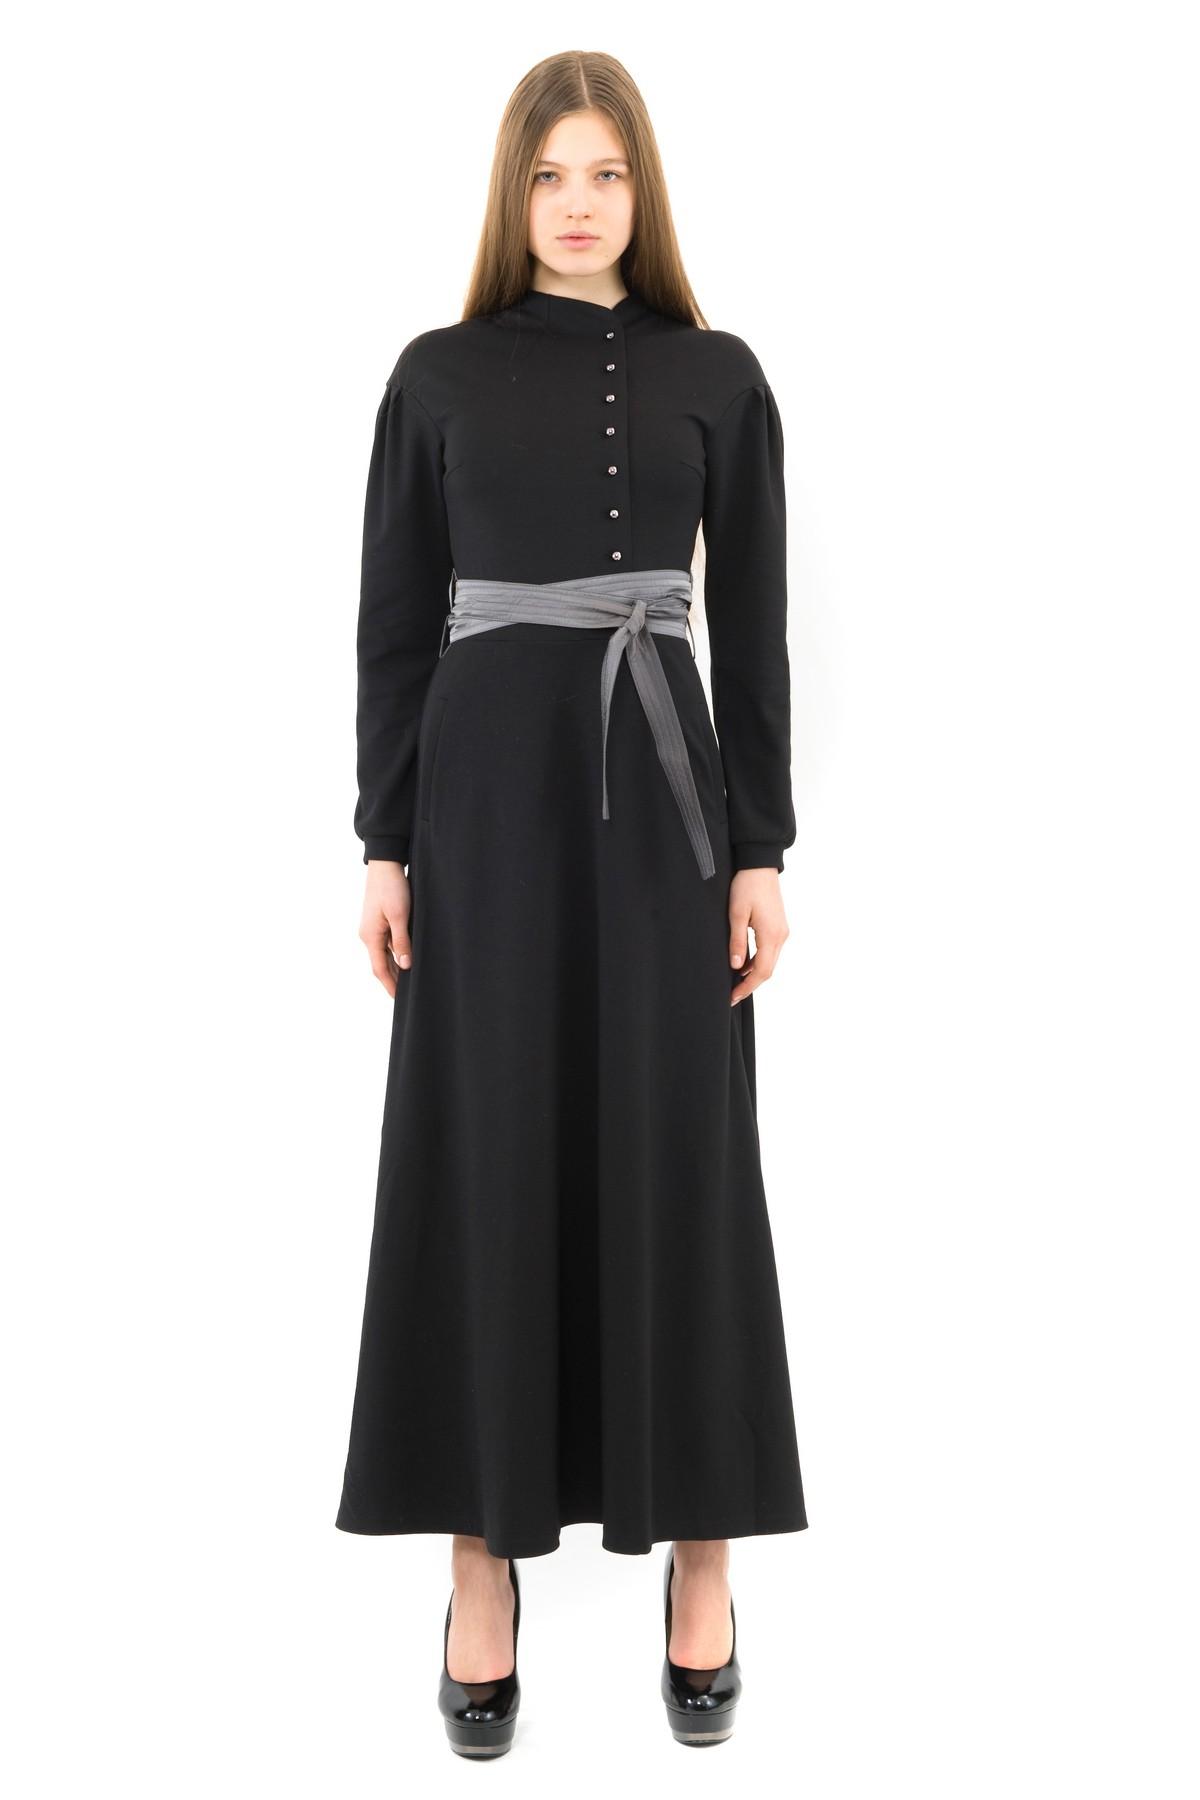 ПлатьеПлатья,  сарафаны<br>Восхитительное платье лаконичного дизайна, выполненное из комфортного высококачественного трикотажного материала. Модель с длинными рукавами и оригинальным вырезом в области декольте. Изделие подчеркнет Ваш женственный силуэт.<br><br>Цвет: черный<br>Состав: 60% вискоза, 35% полиэстер, 5% лайкра<br>Размер: 40,42,44,46,50<br>Страна дизайна: Россия<br>Страна производства: Россия